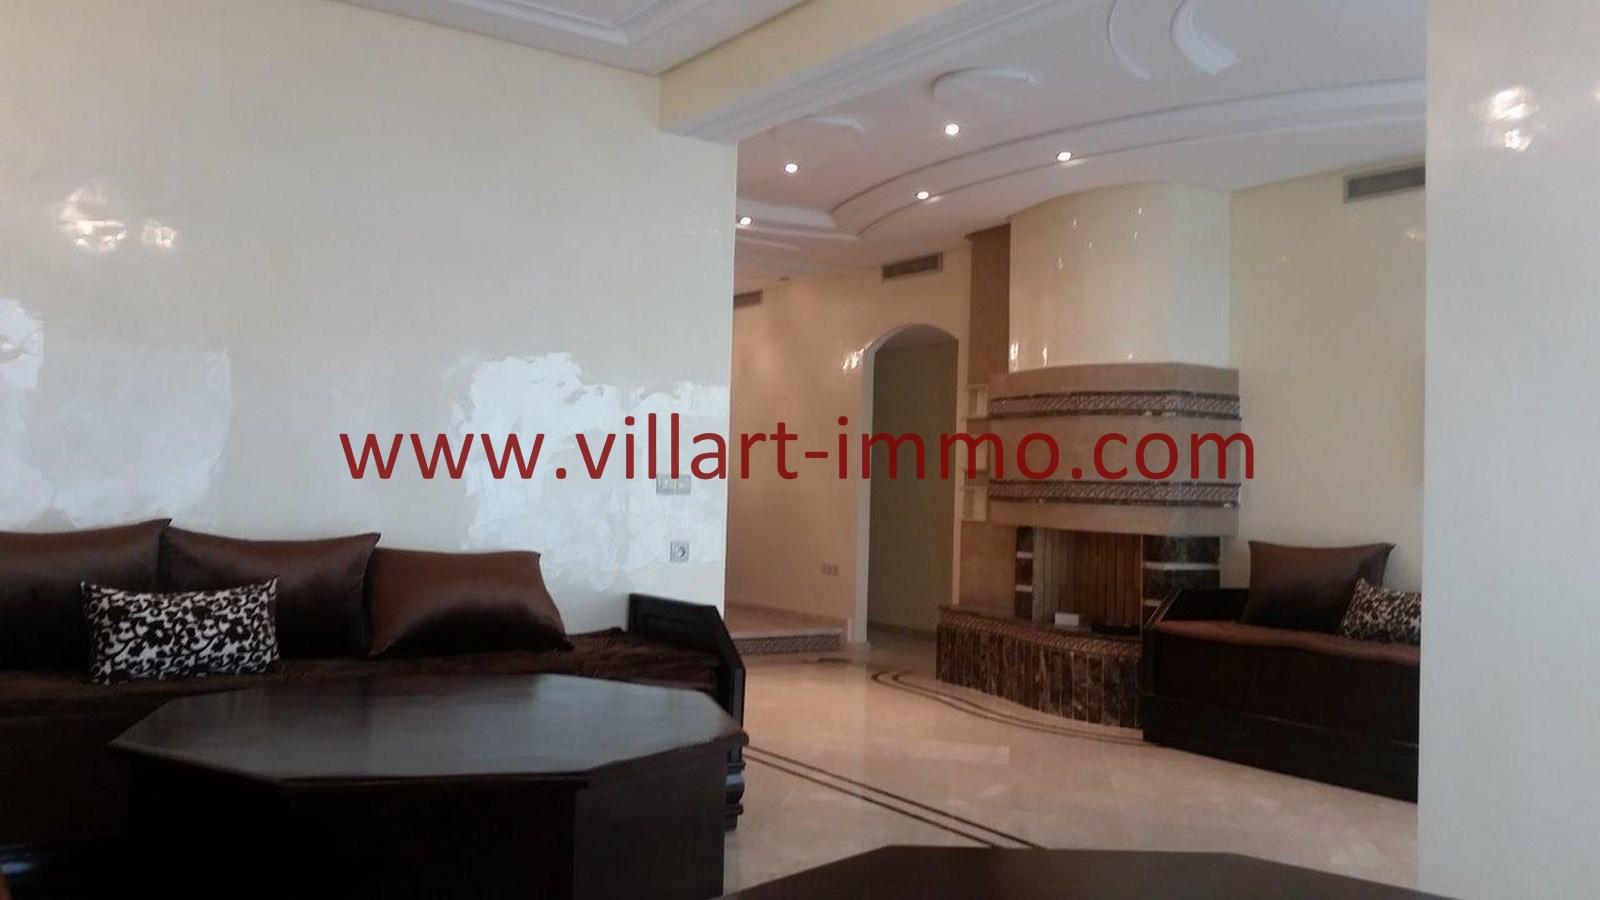 2-a-louer-appartement-meuble-tanger-salon-l918-villart-immo